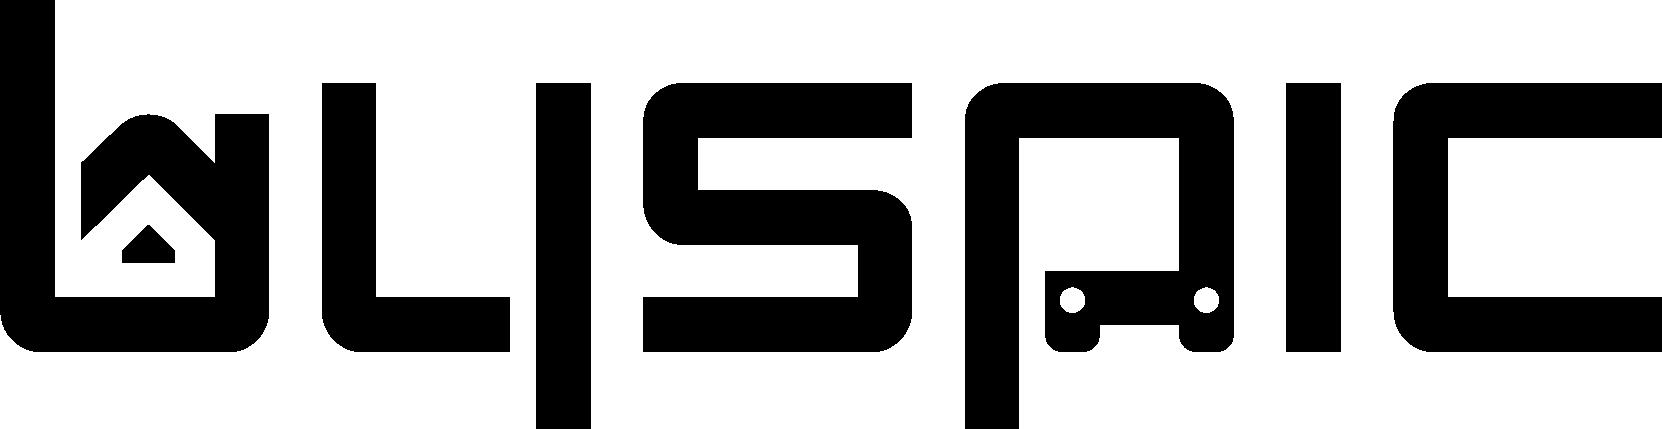 BYSPIC